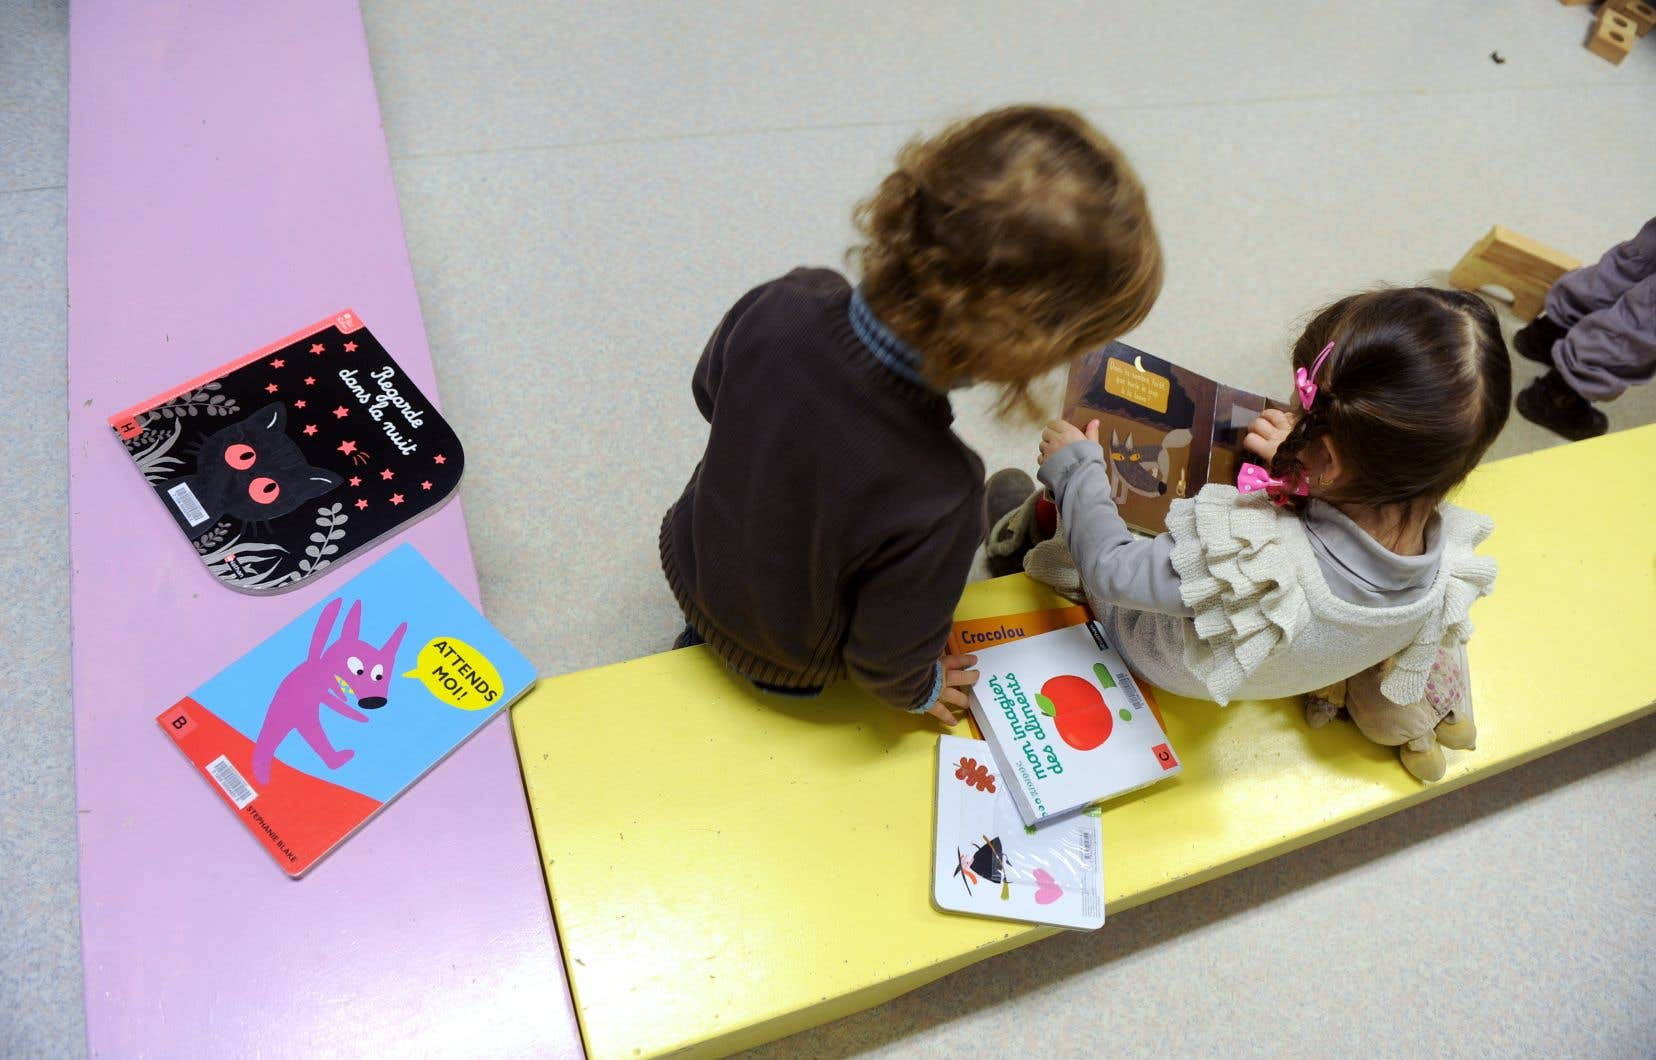 «Comme pour toute langue, l'enfant doit s'approprier l'écrit dans une démarche heuristique qui le plonge dans la langue et dans les livres de la littérature d'enfance», pense l'autrice.